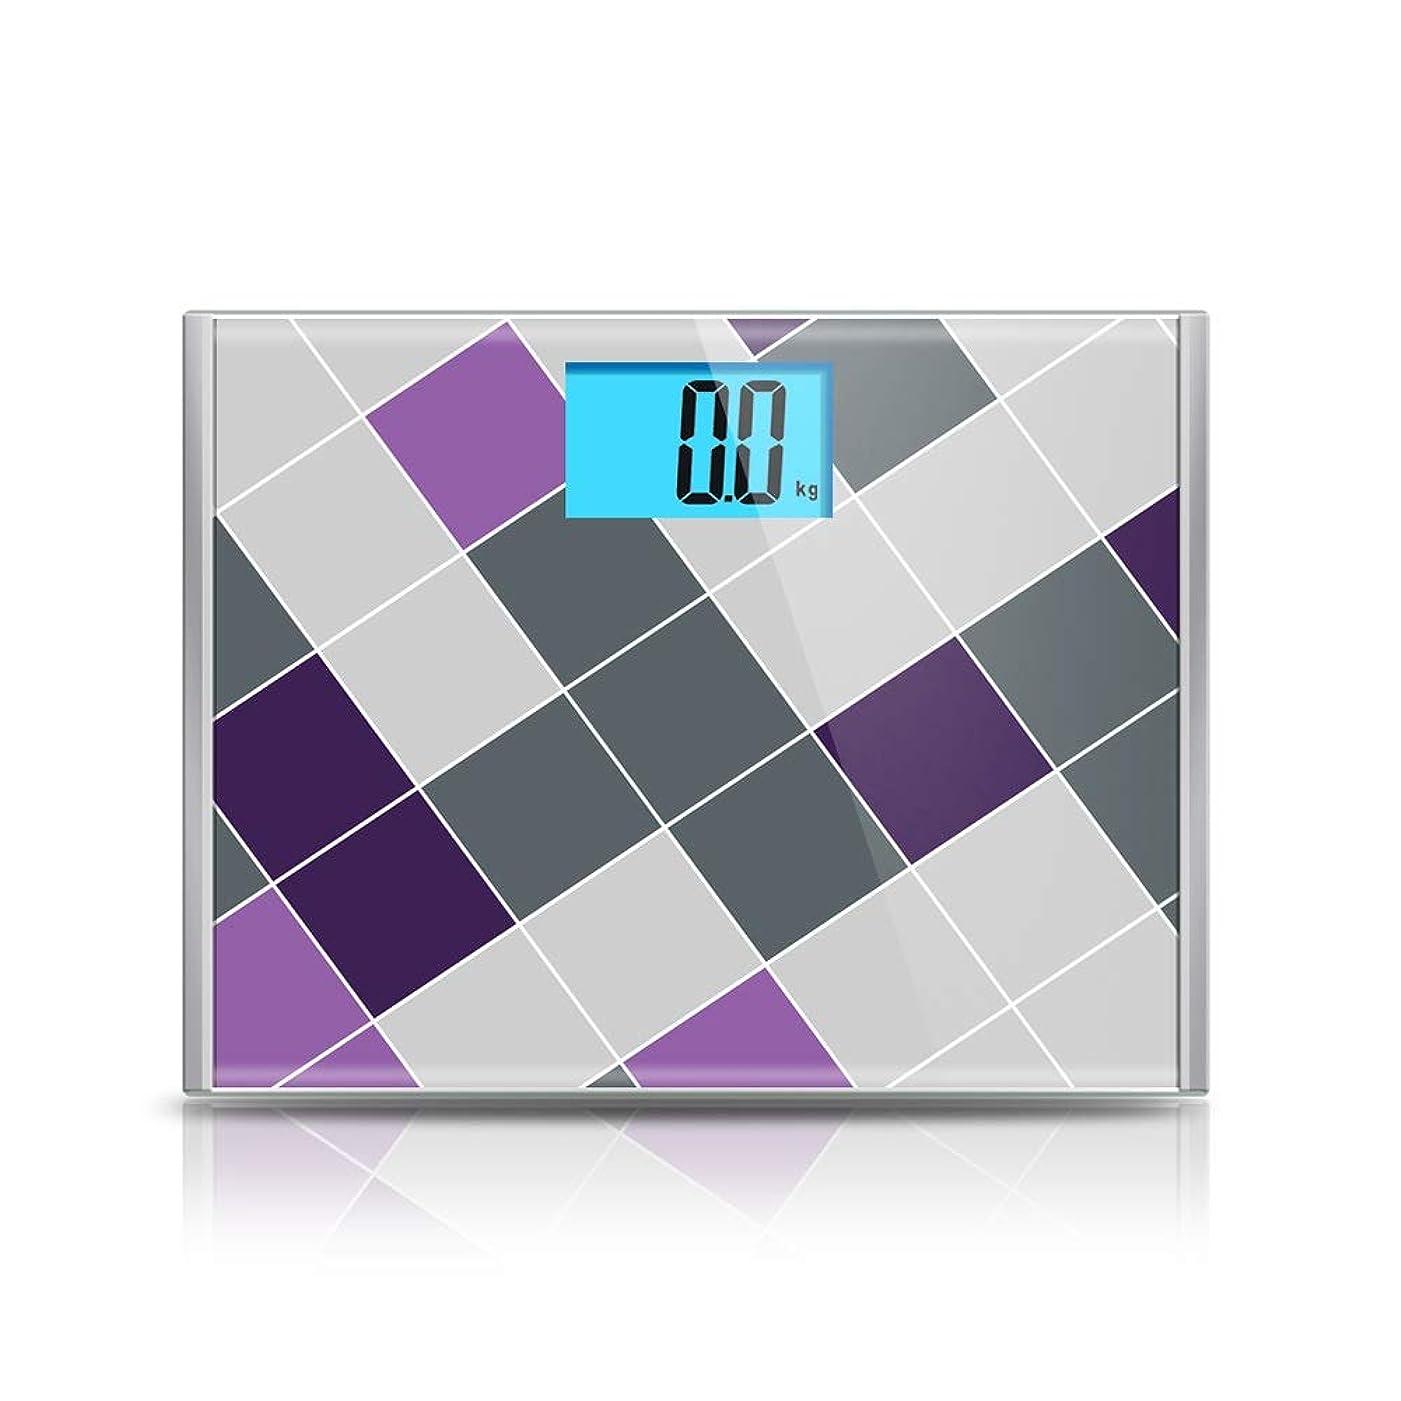 恩恵ひどい巡礼者床科学的なスマート電子体脂肪スケール大規模正確な計量LEDデジタル重量 - 15.4 x 11.8 x 1インチ